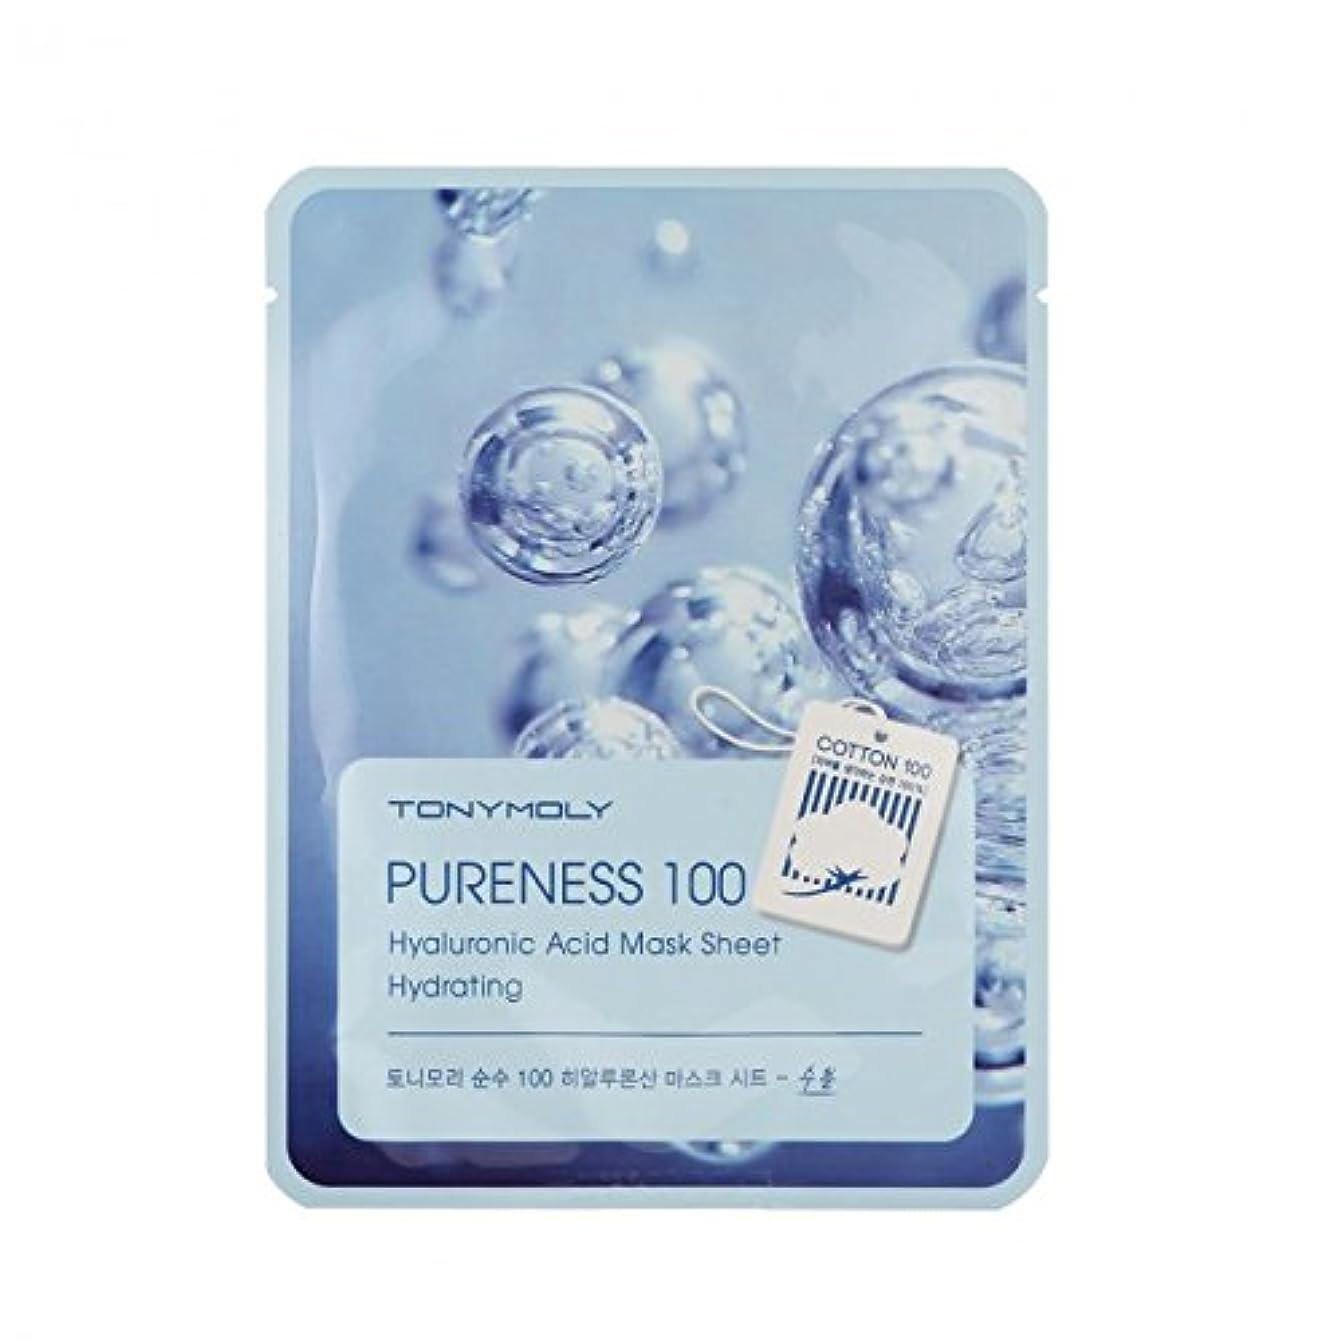 実装するアンティーク実装するTONYMOLY Pureness 100 Hyaluronic Acid Mask Sheet Hydrating (並行輸入品)